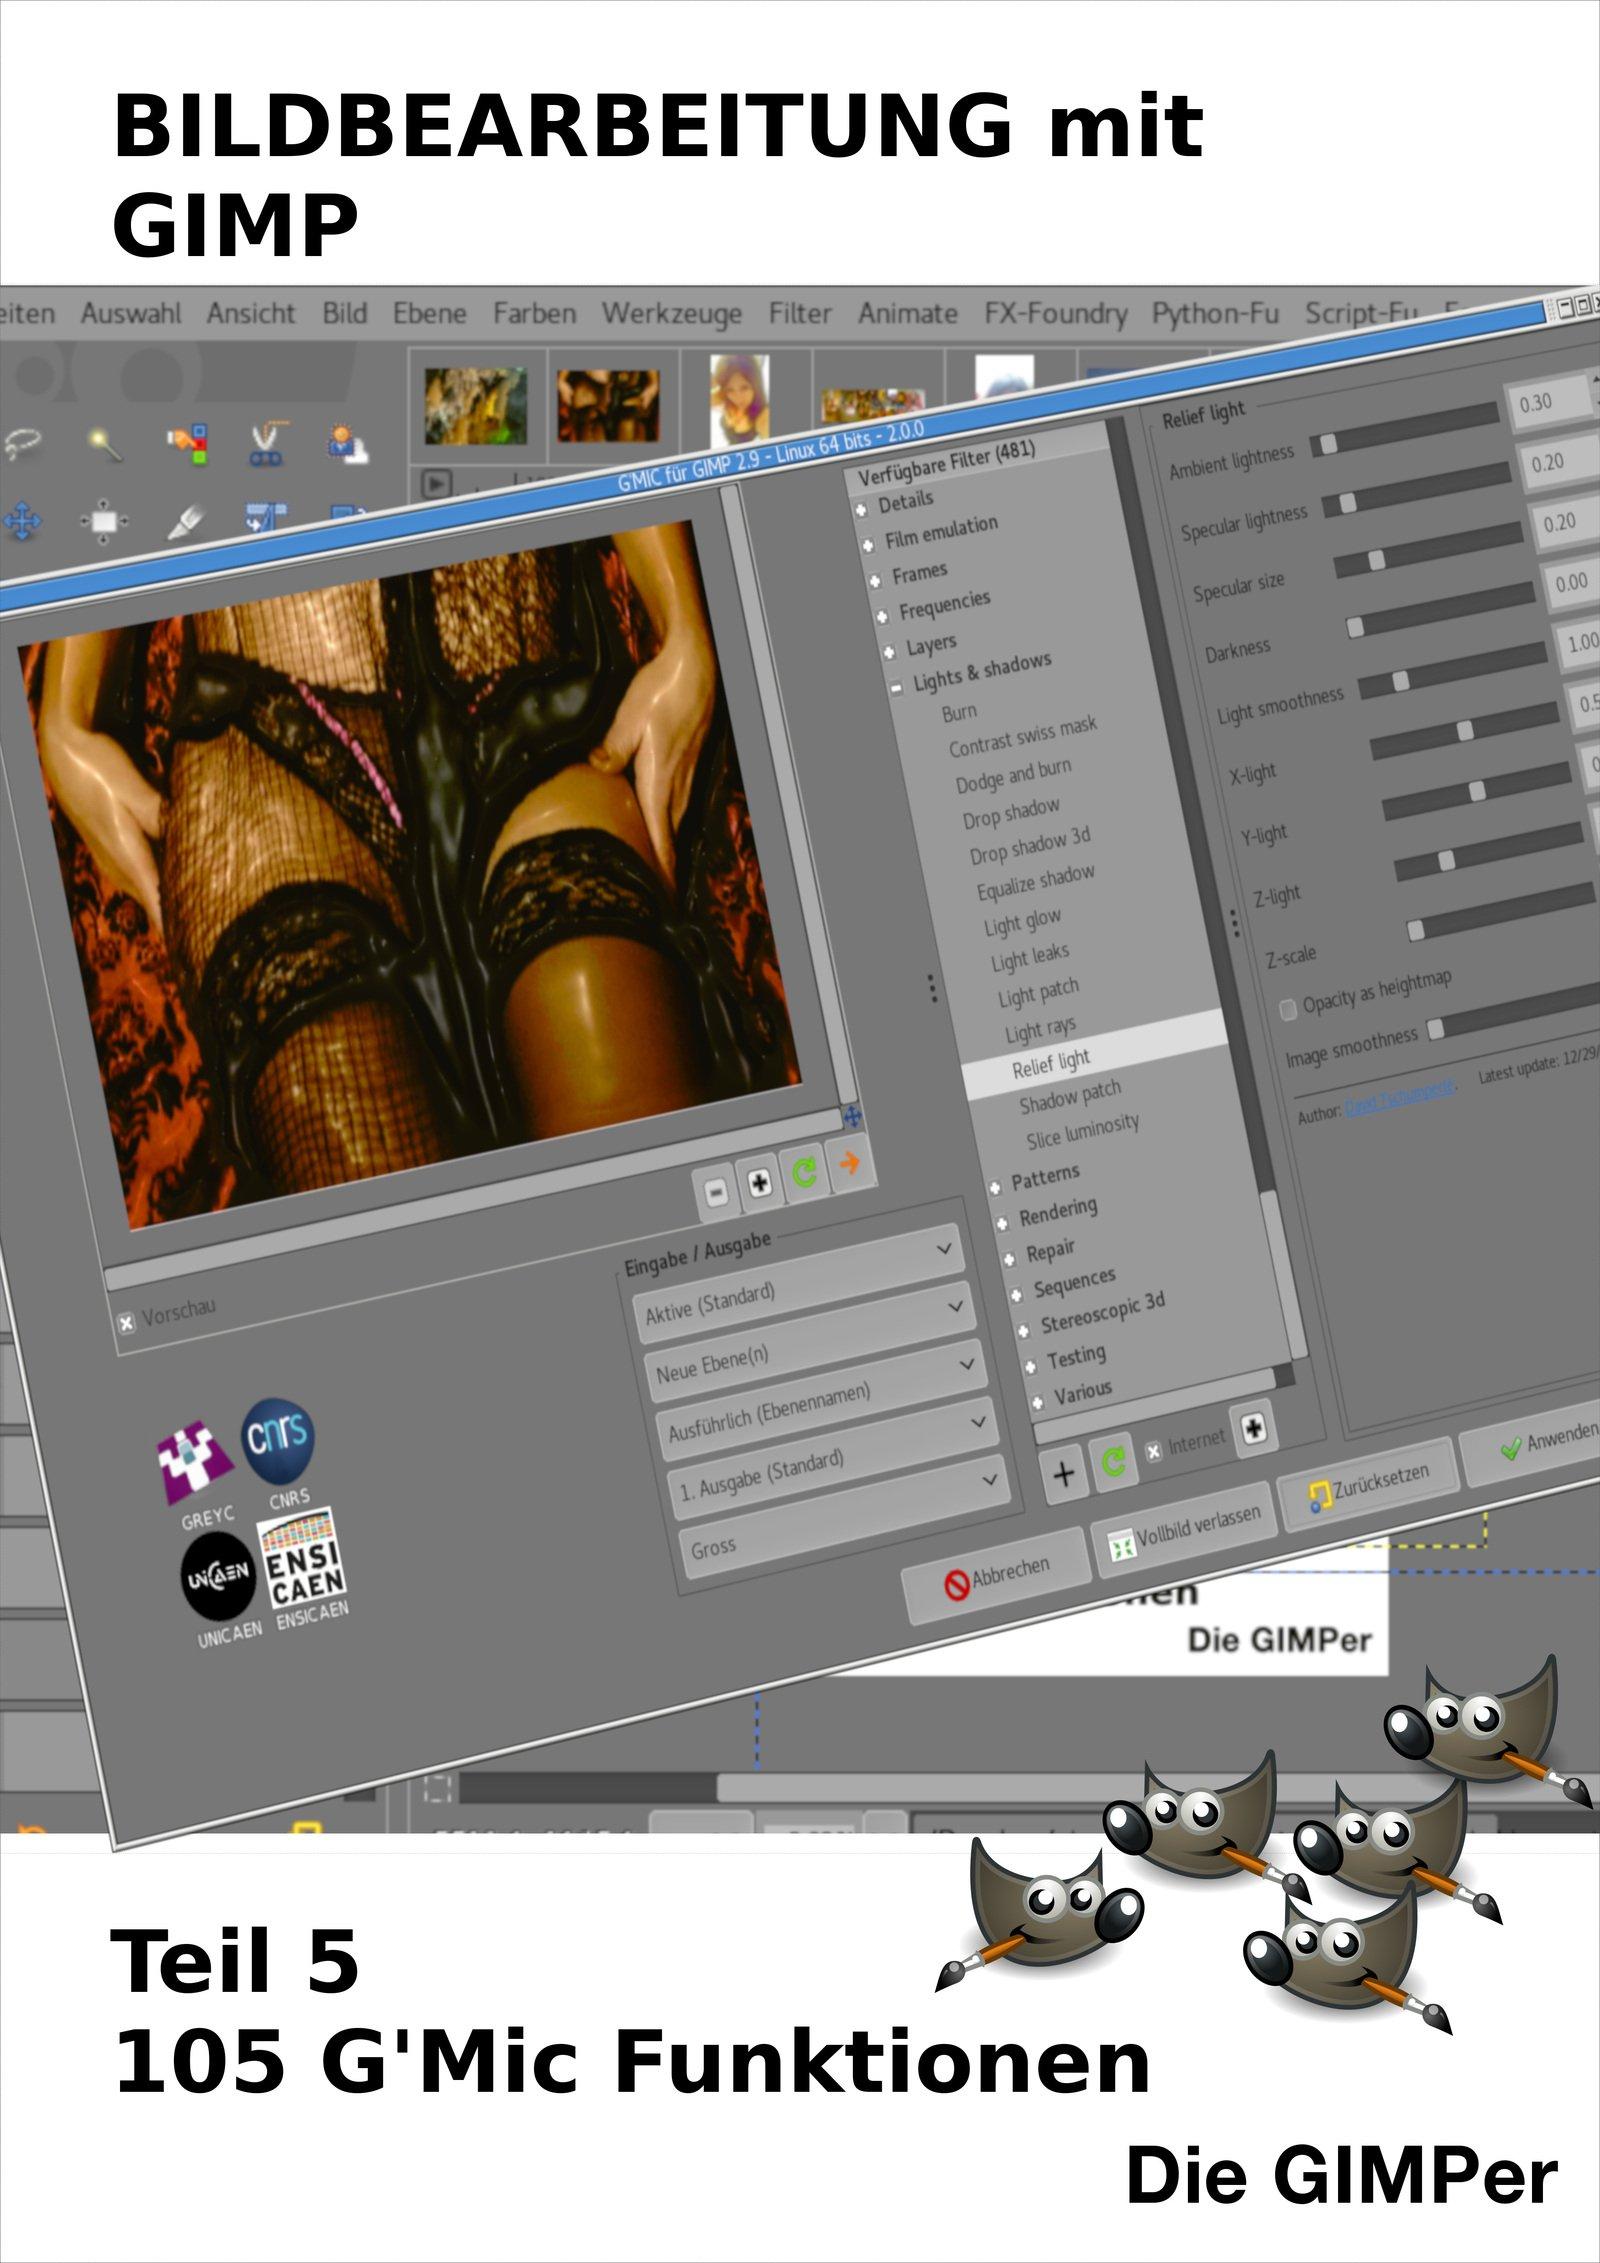 Bildbearbeitung Mit GIMP  105 G'MIC Tipps